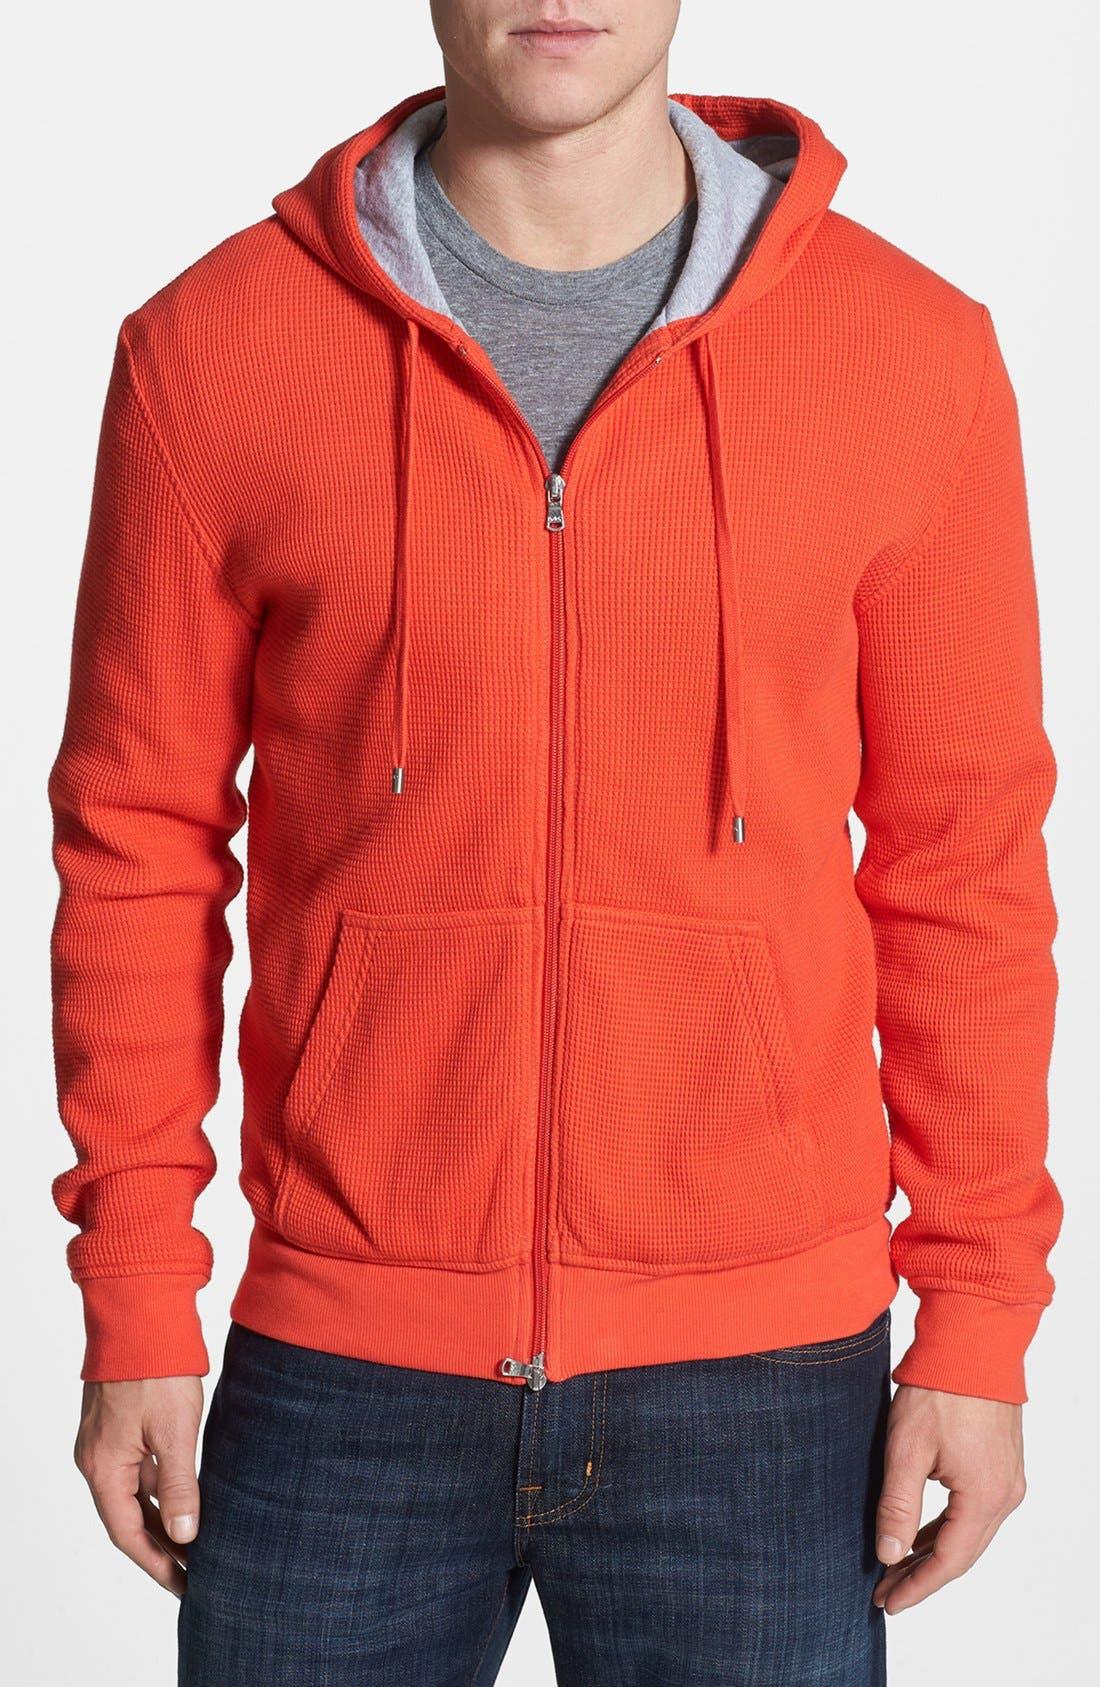 Alternate Image 1 Selected - Michael Kors Thermal Knit Zip Hoodie